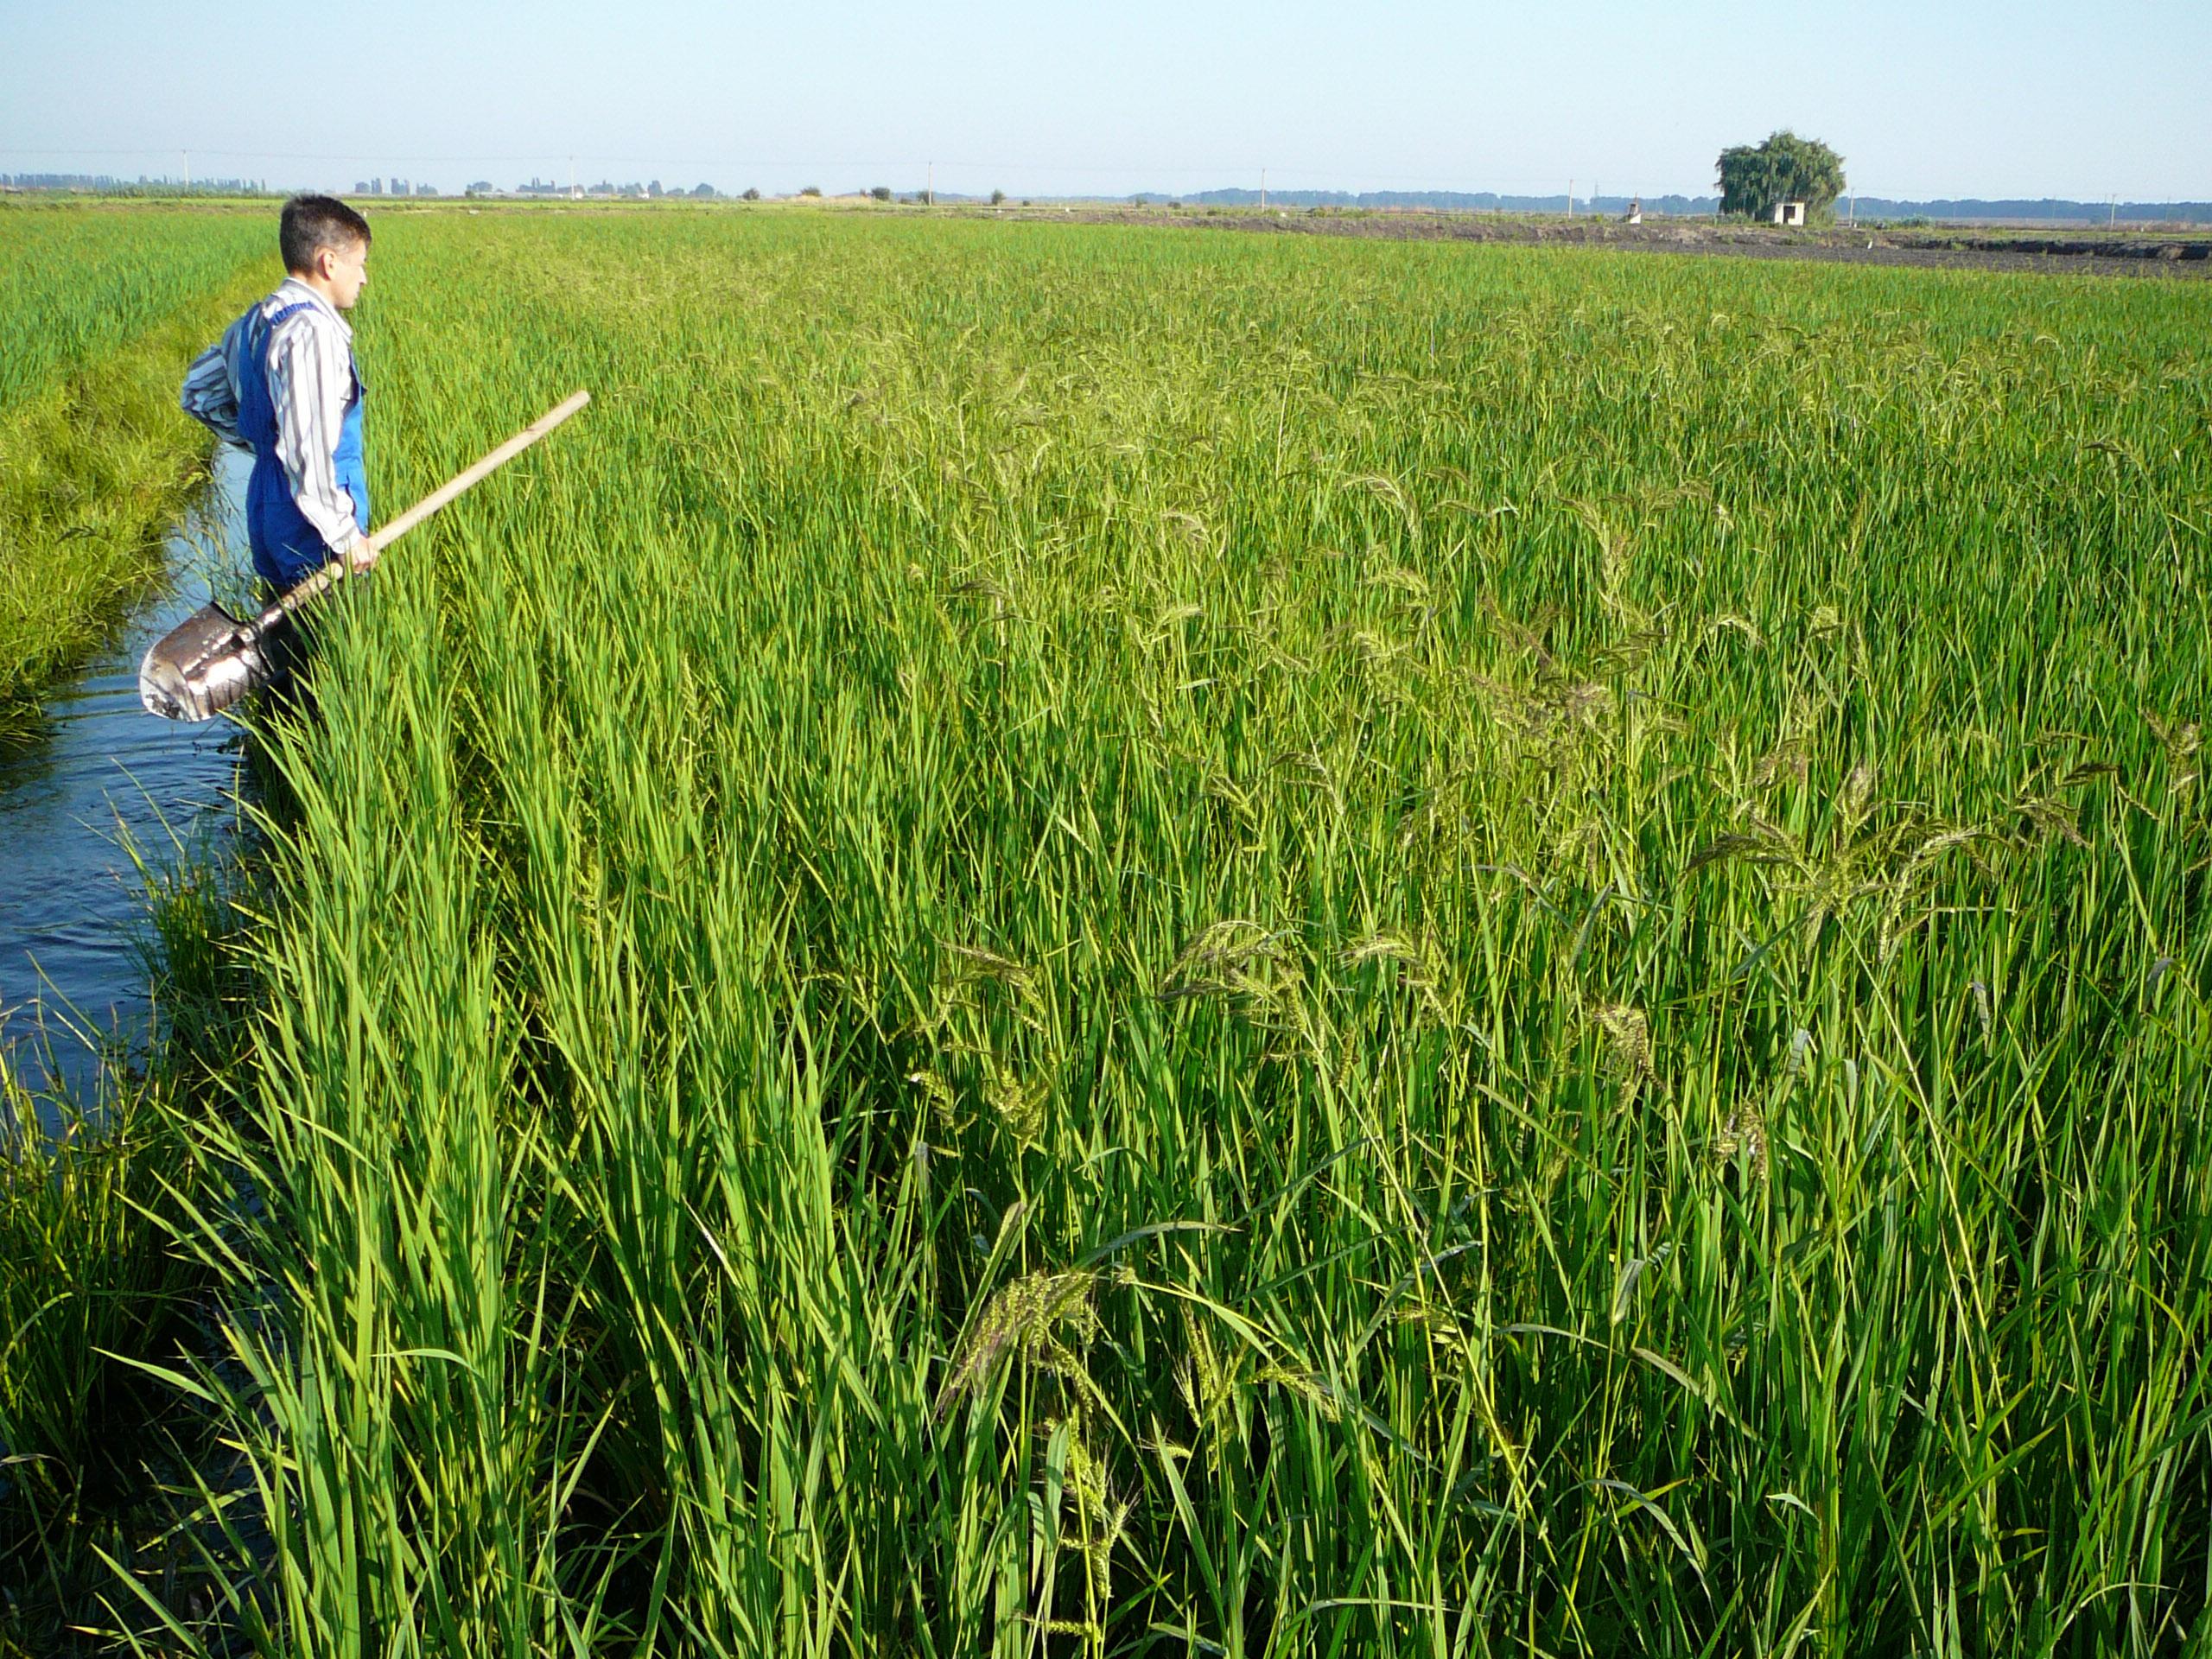 как выращивают рис в россии телефоны